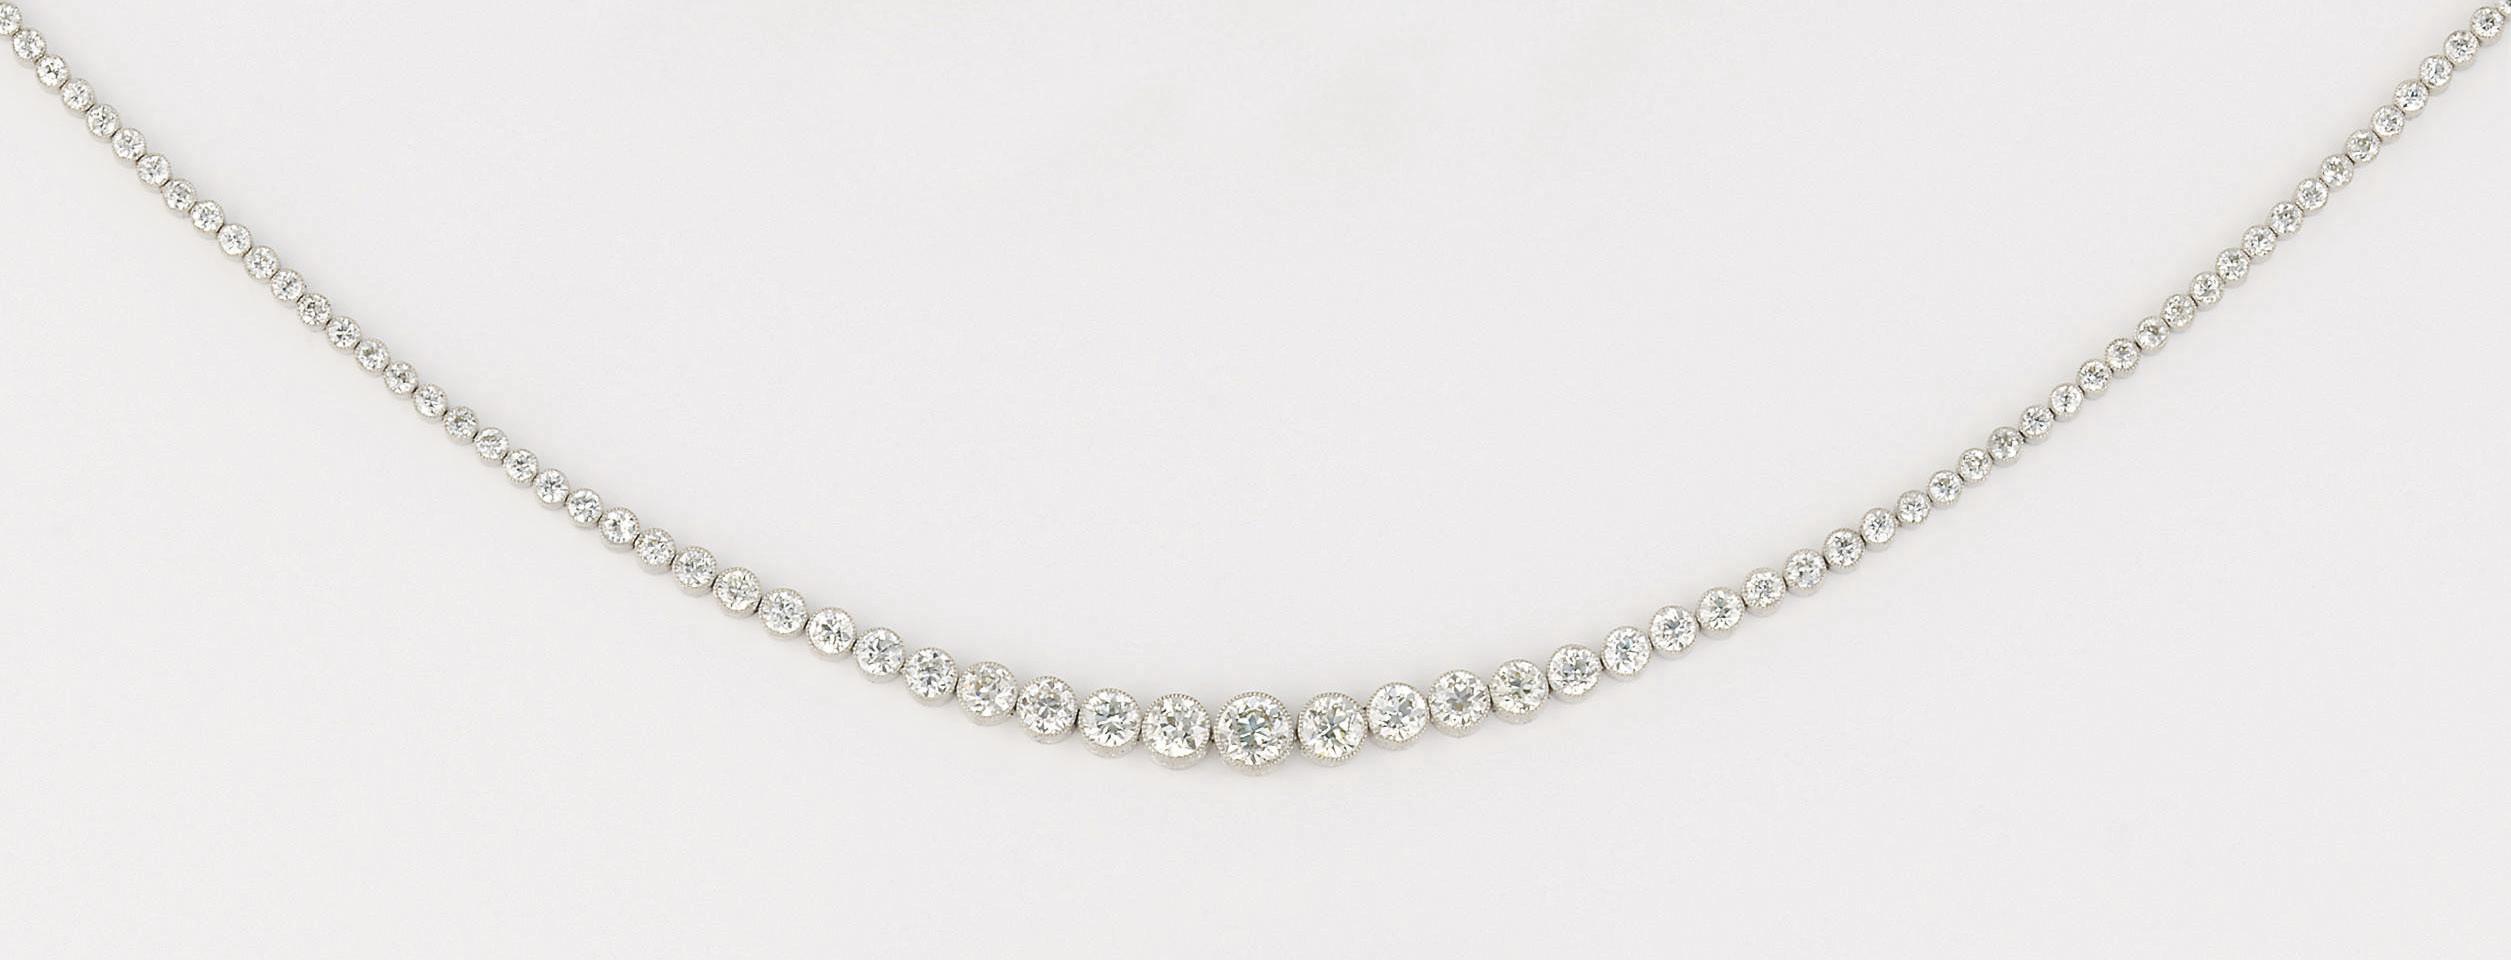 An Edwardian diamond tiara/nec